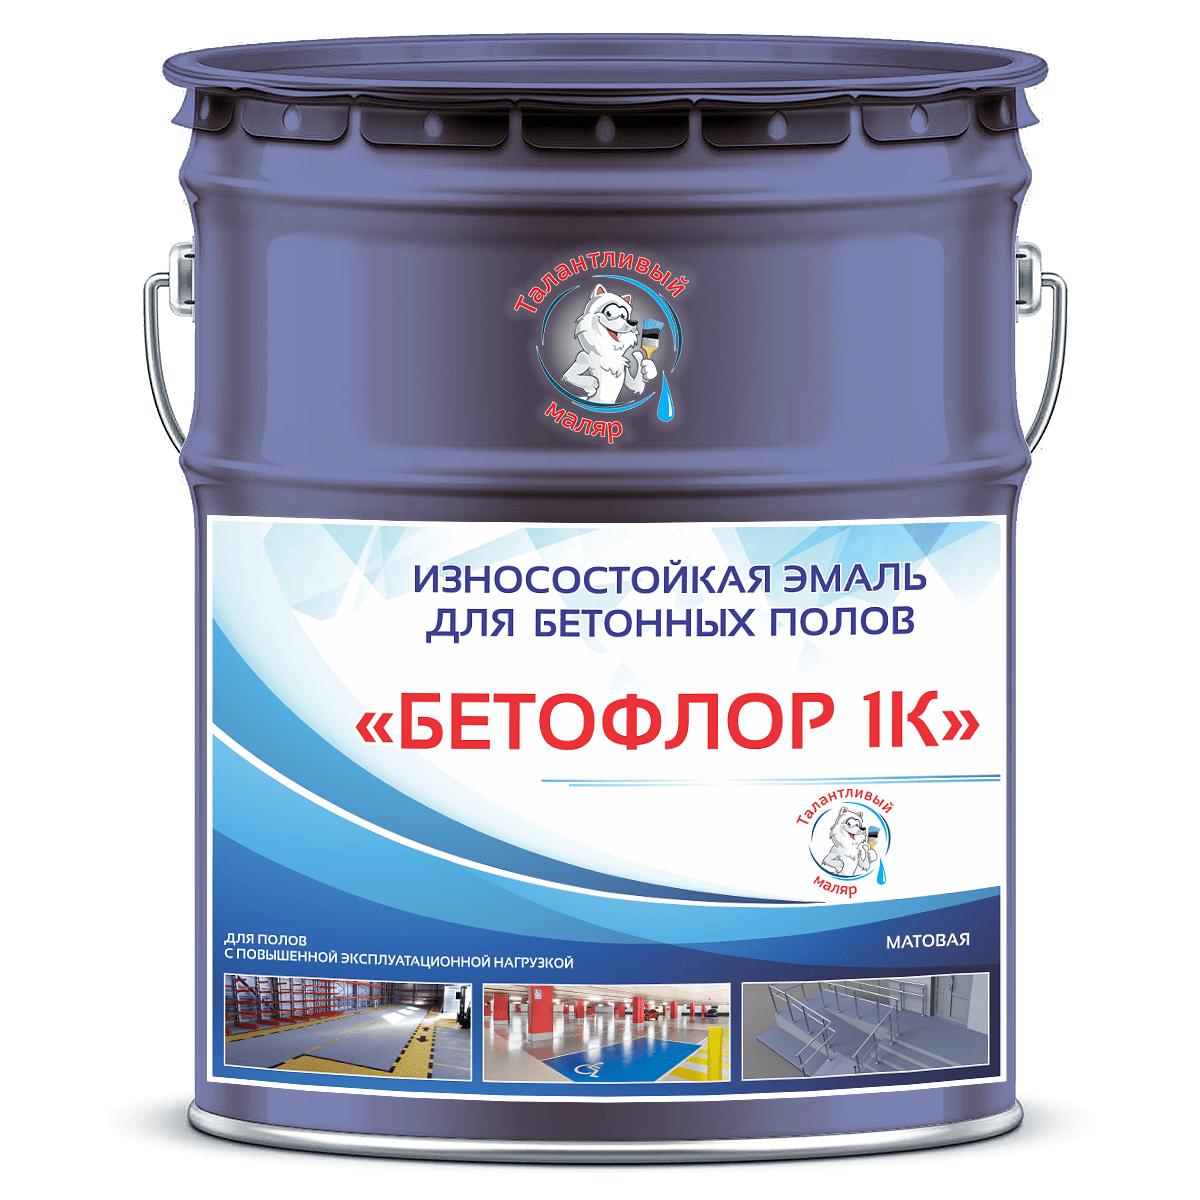 """Фото 13 - BF5000 Эмаль для бетонных полов """"Бетофлор"""" 1К цвет RAL 5000 Фиолетово-синий, матовая износостойкая, 25 кг """"Талантливый Маляр""""."""